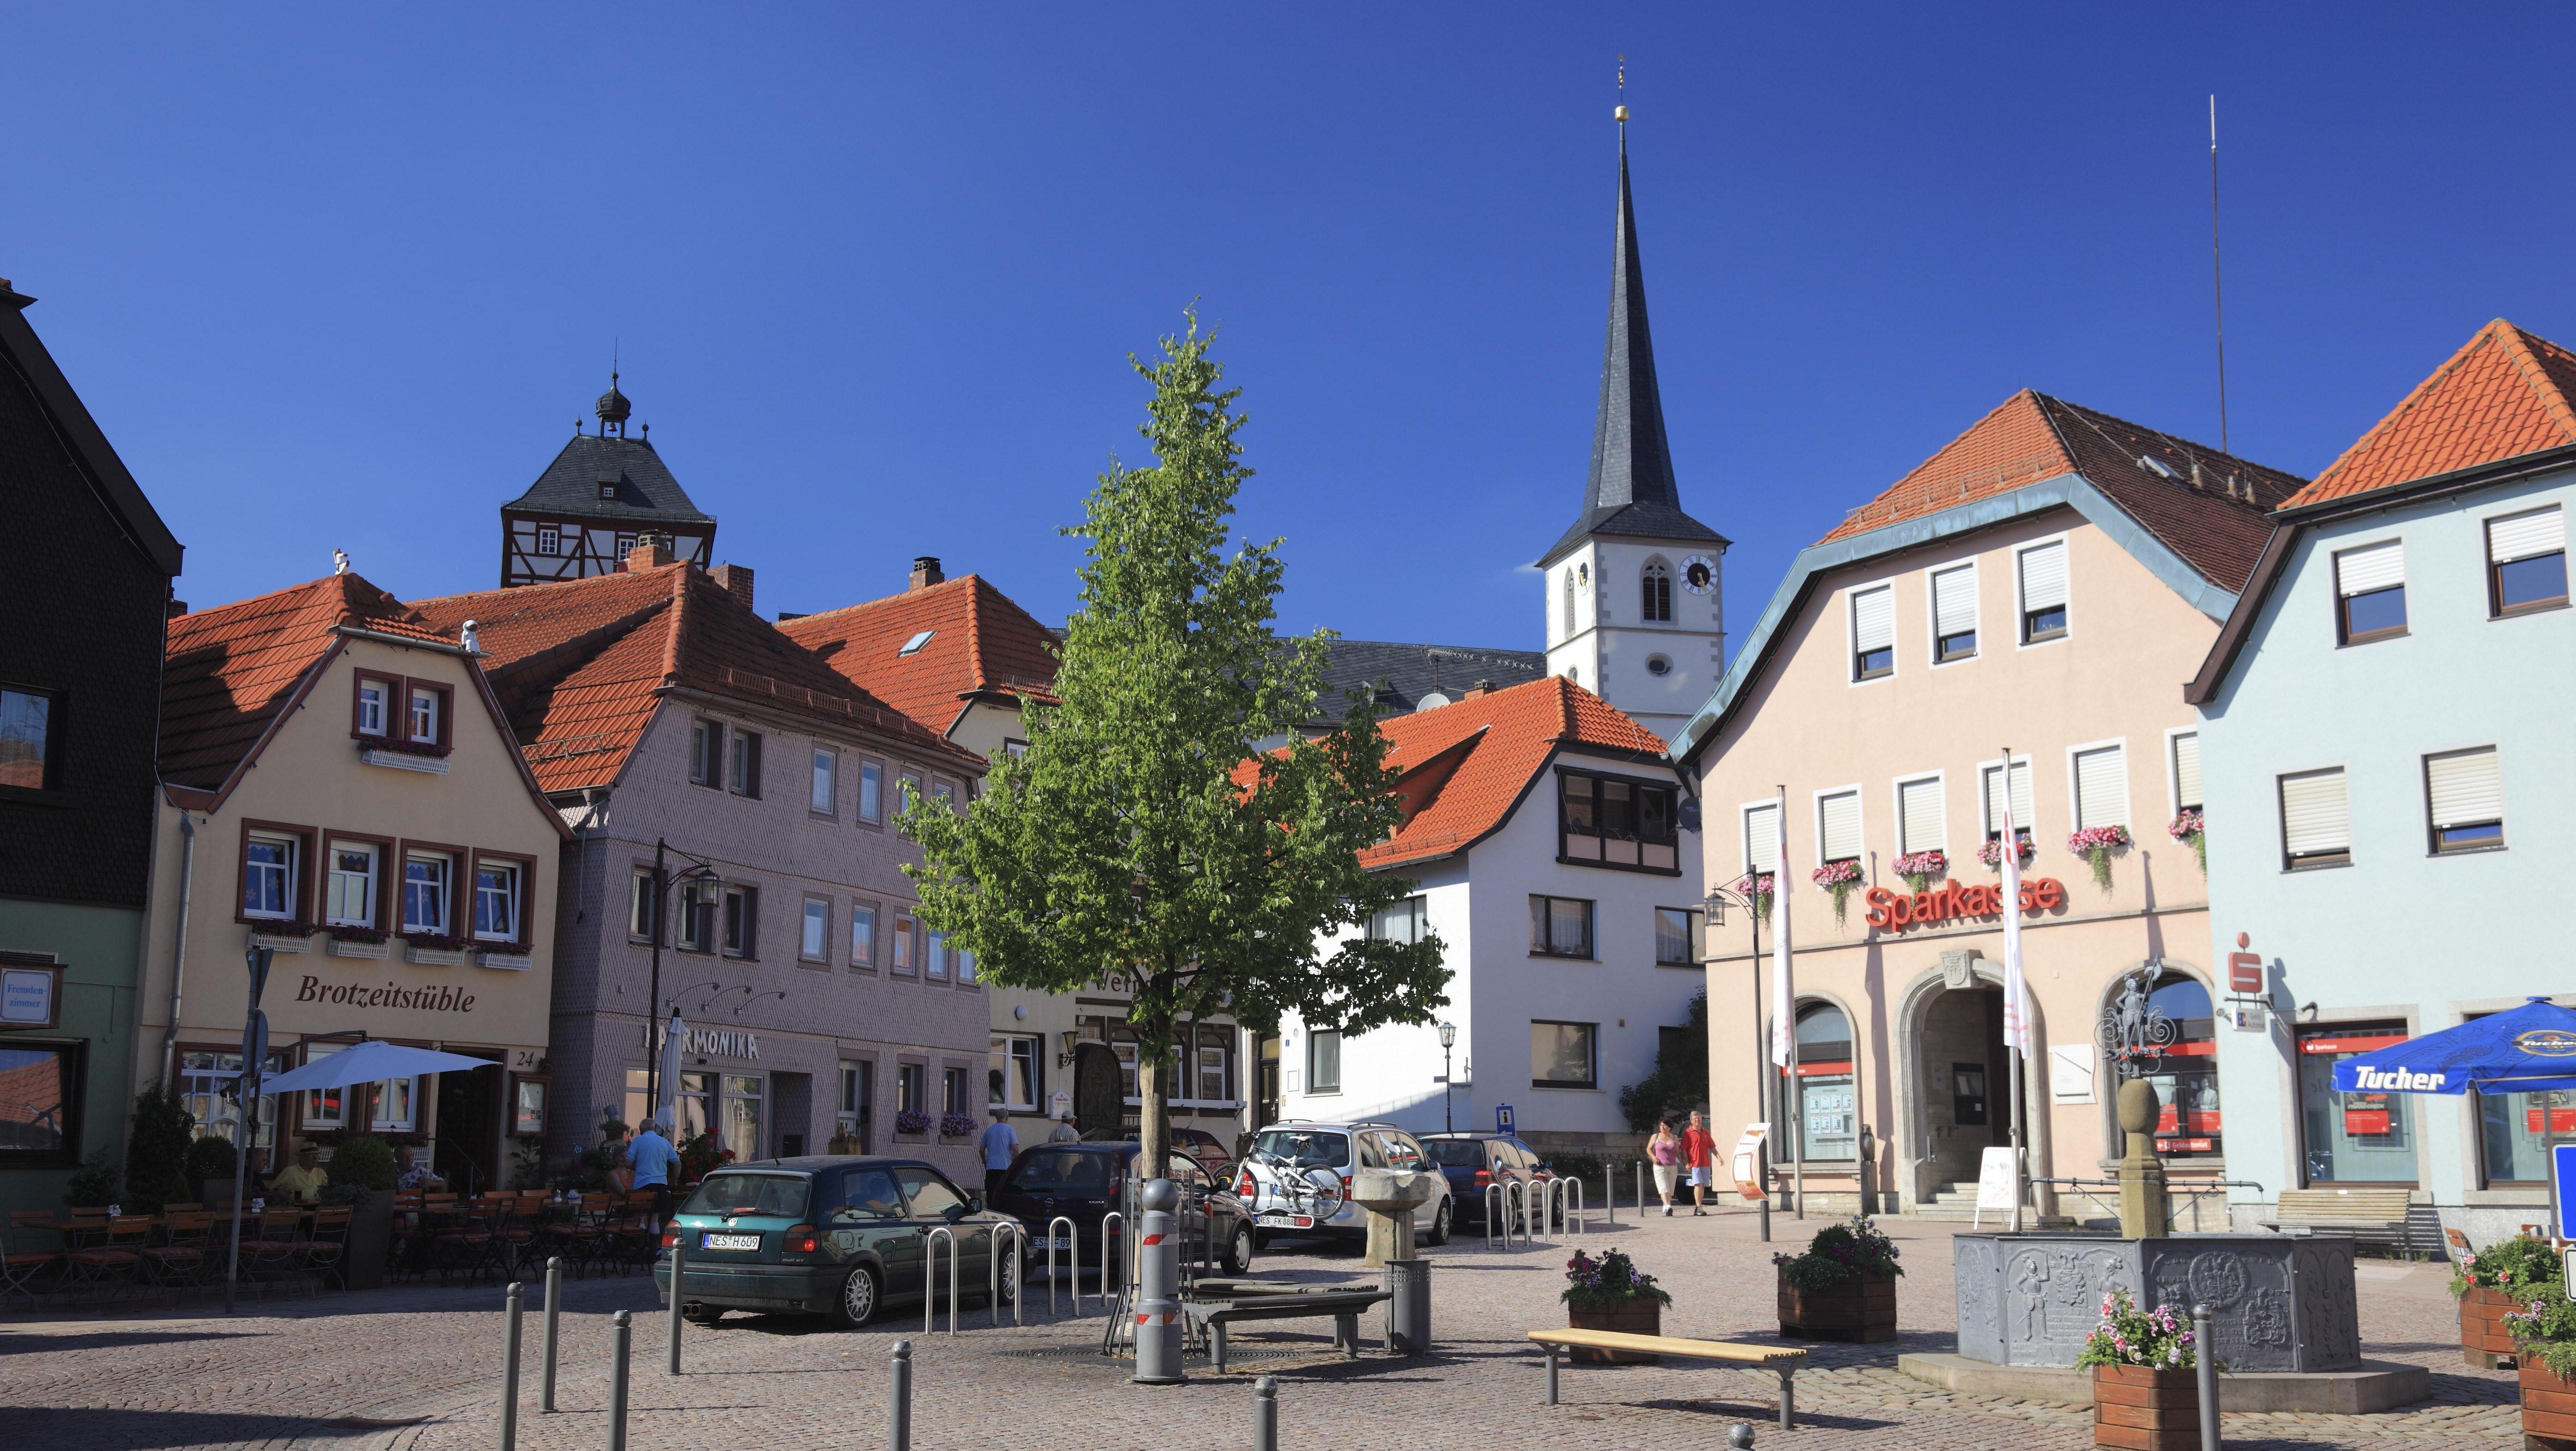 Zentrum von Bischofsheim